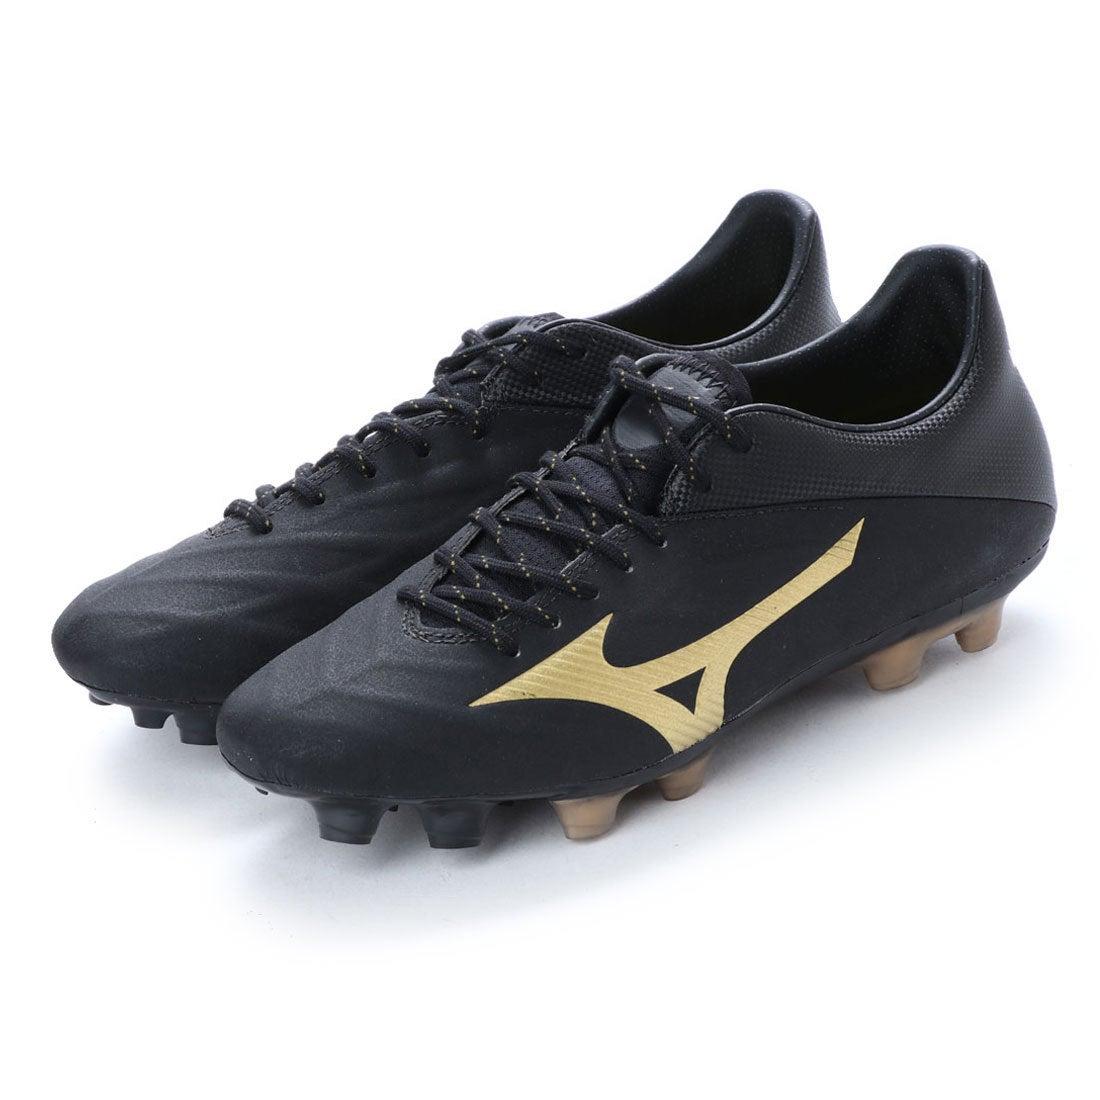 ロコンド 靴とファッションの通販サイトミズノ MIZUNO サッカー スパイクシューズ レビュラ 2 V2 SL P1GA187450